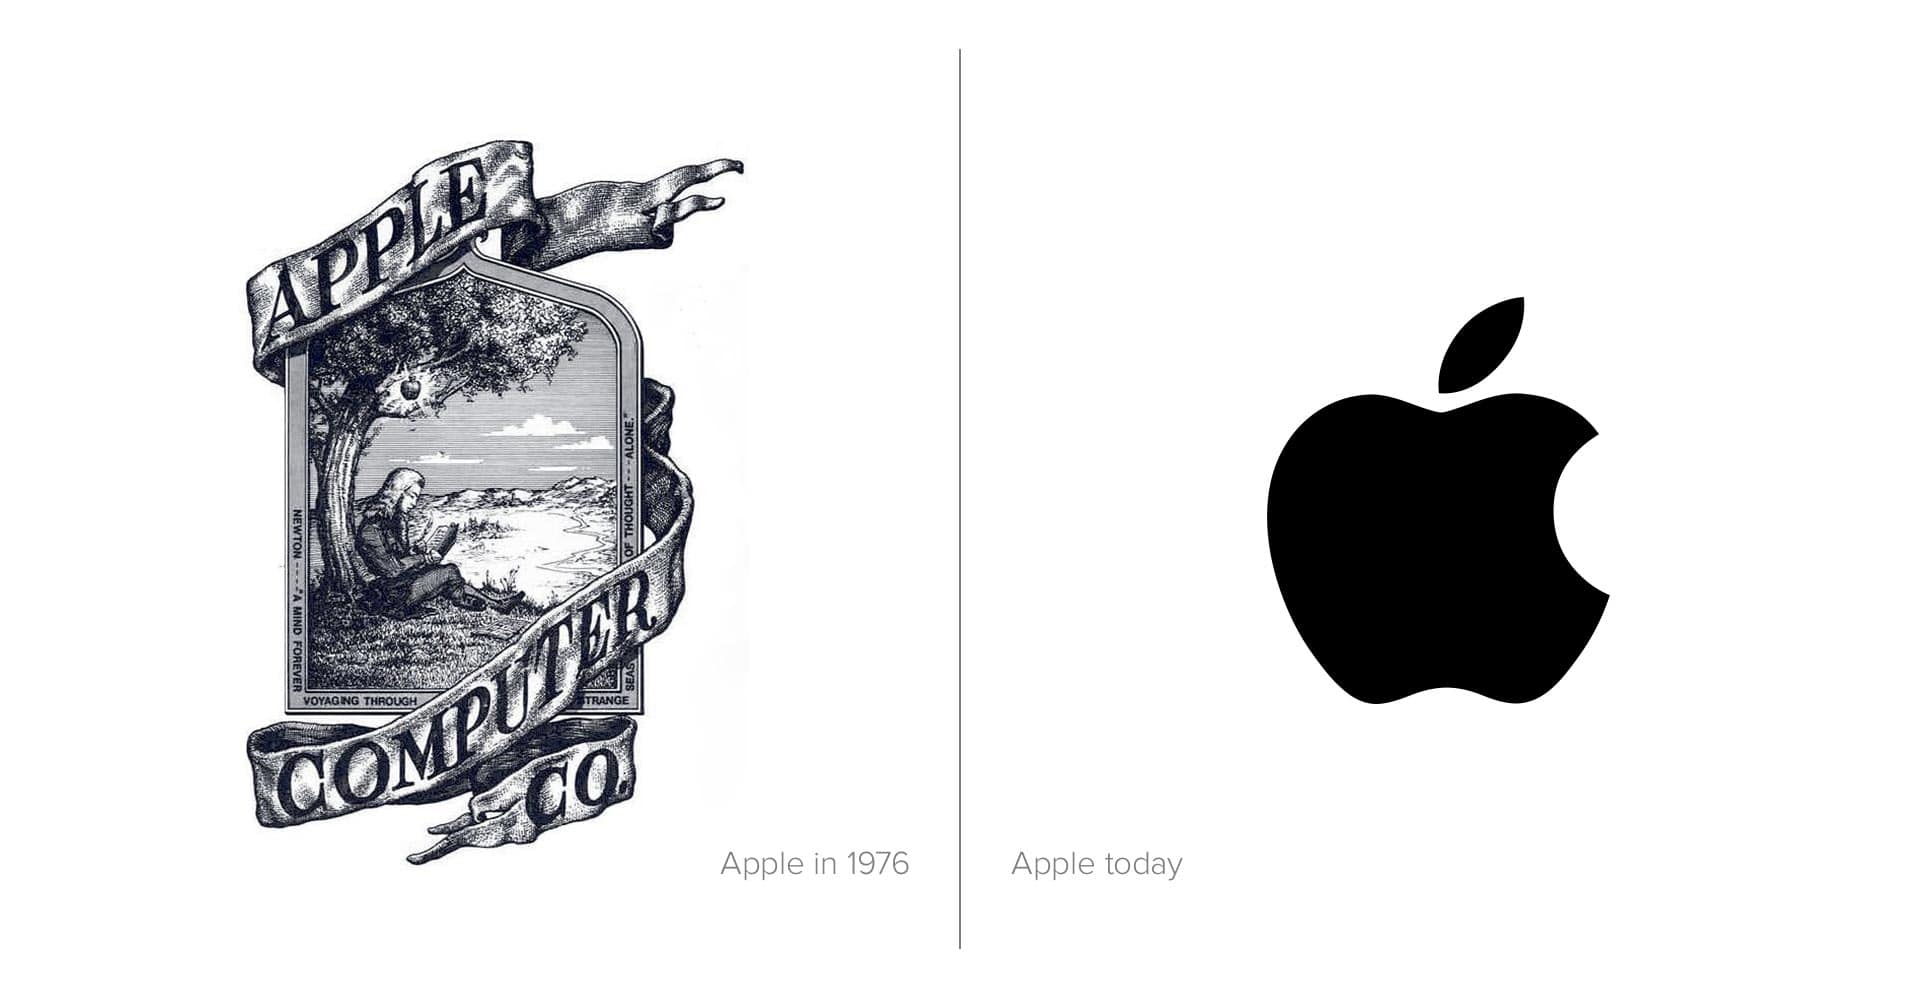 تصميم العلامة التجارية لأبل منذ عام 1976 وحتى الآن